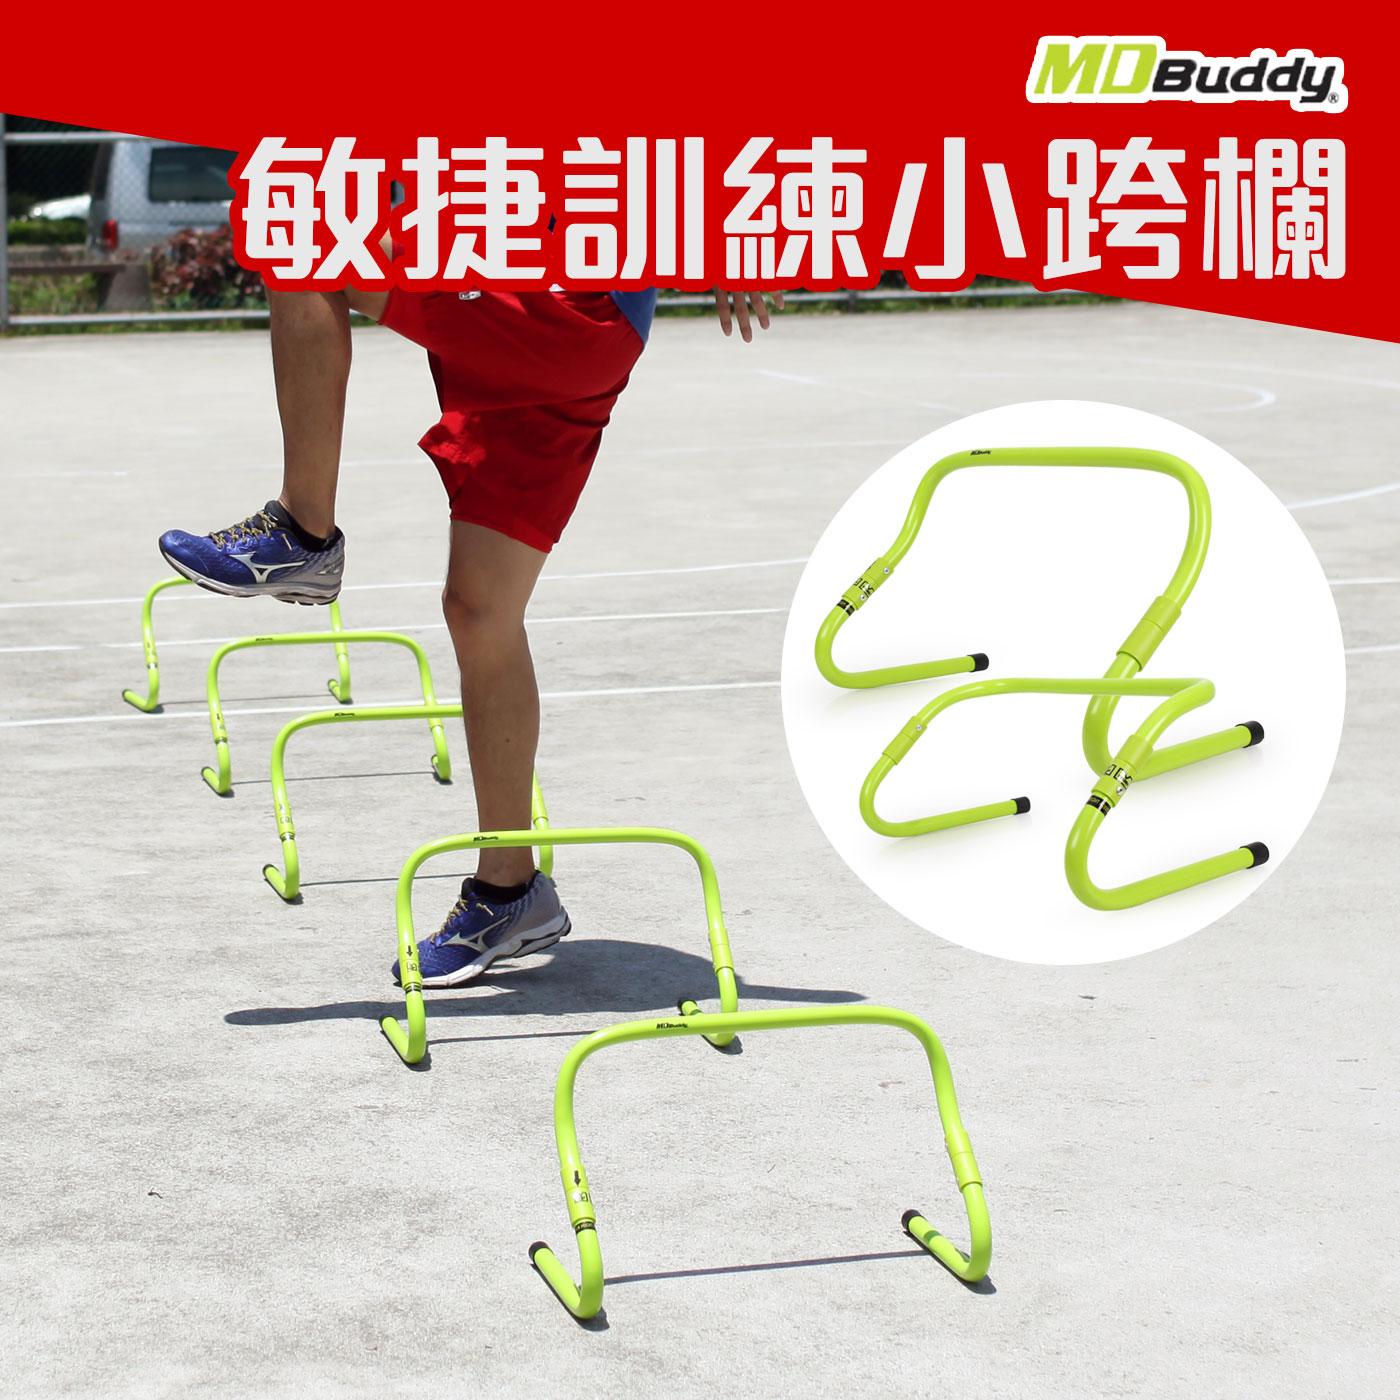 MDBuddy 敏捷訓練多功能小跨欄(欄架 跳欄 籃球 足球 折疊小跨欄 健身【99301456】≡排汗專家≡